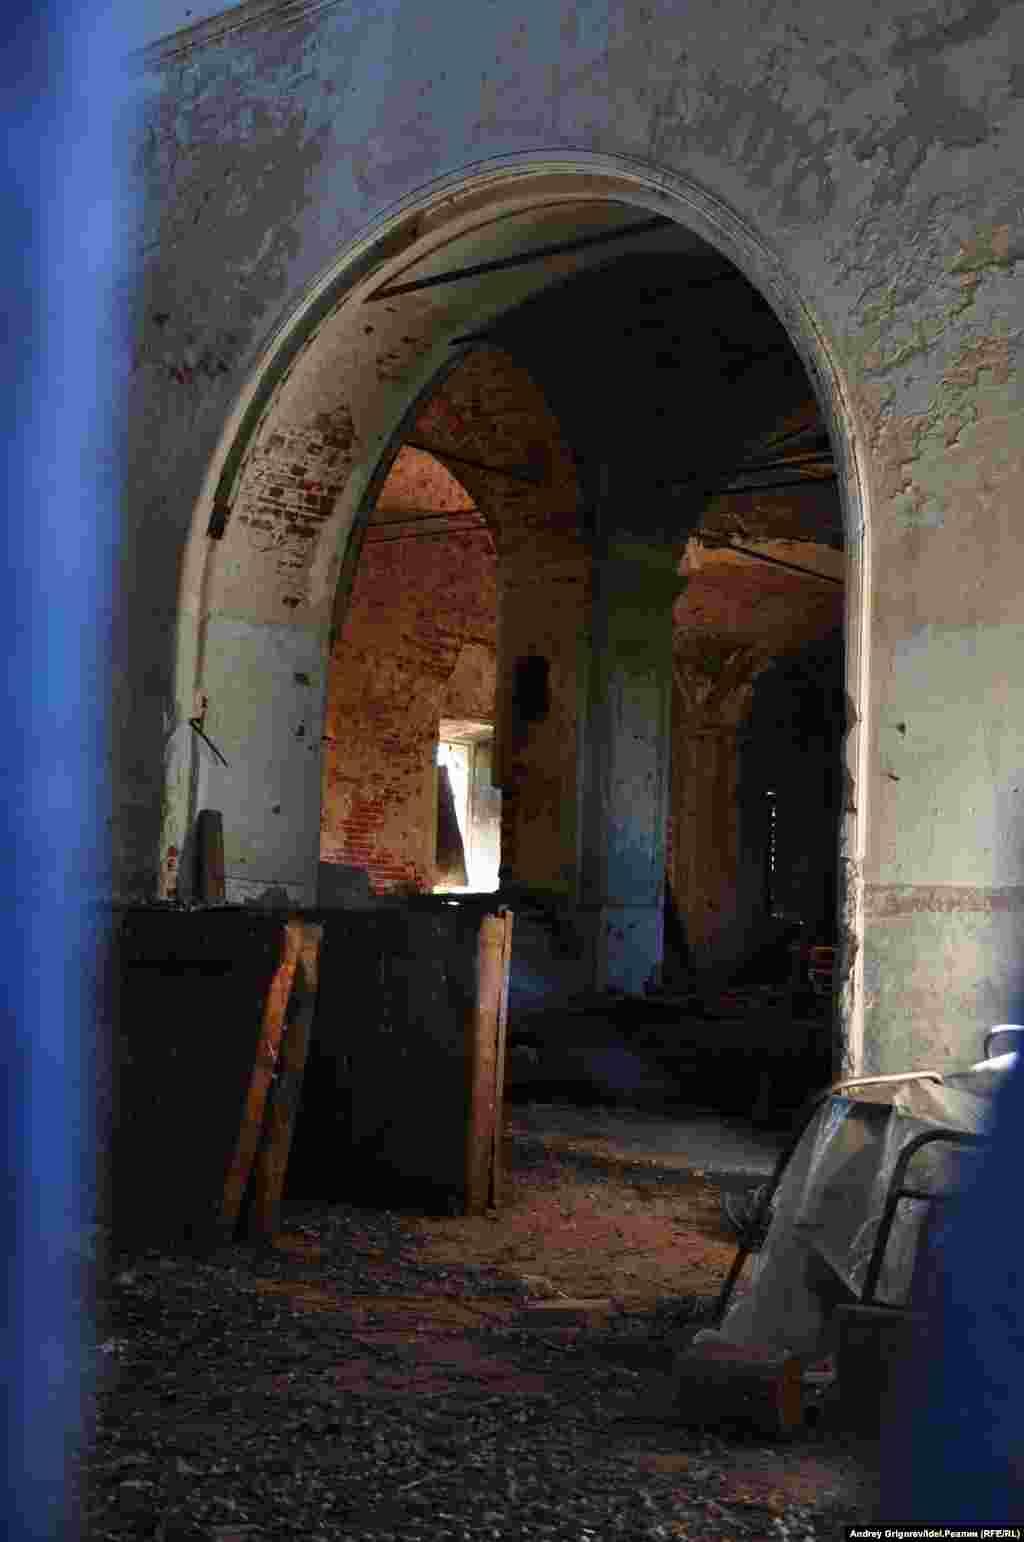 Внутрь не попасть, но сквозь зазор в воротах можно рассмотреть детали интерьера. Говорят, при советской власти внутри устроили склад удобрений.